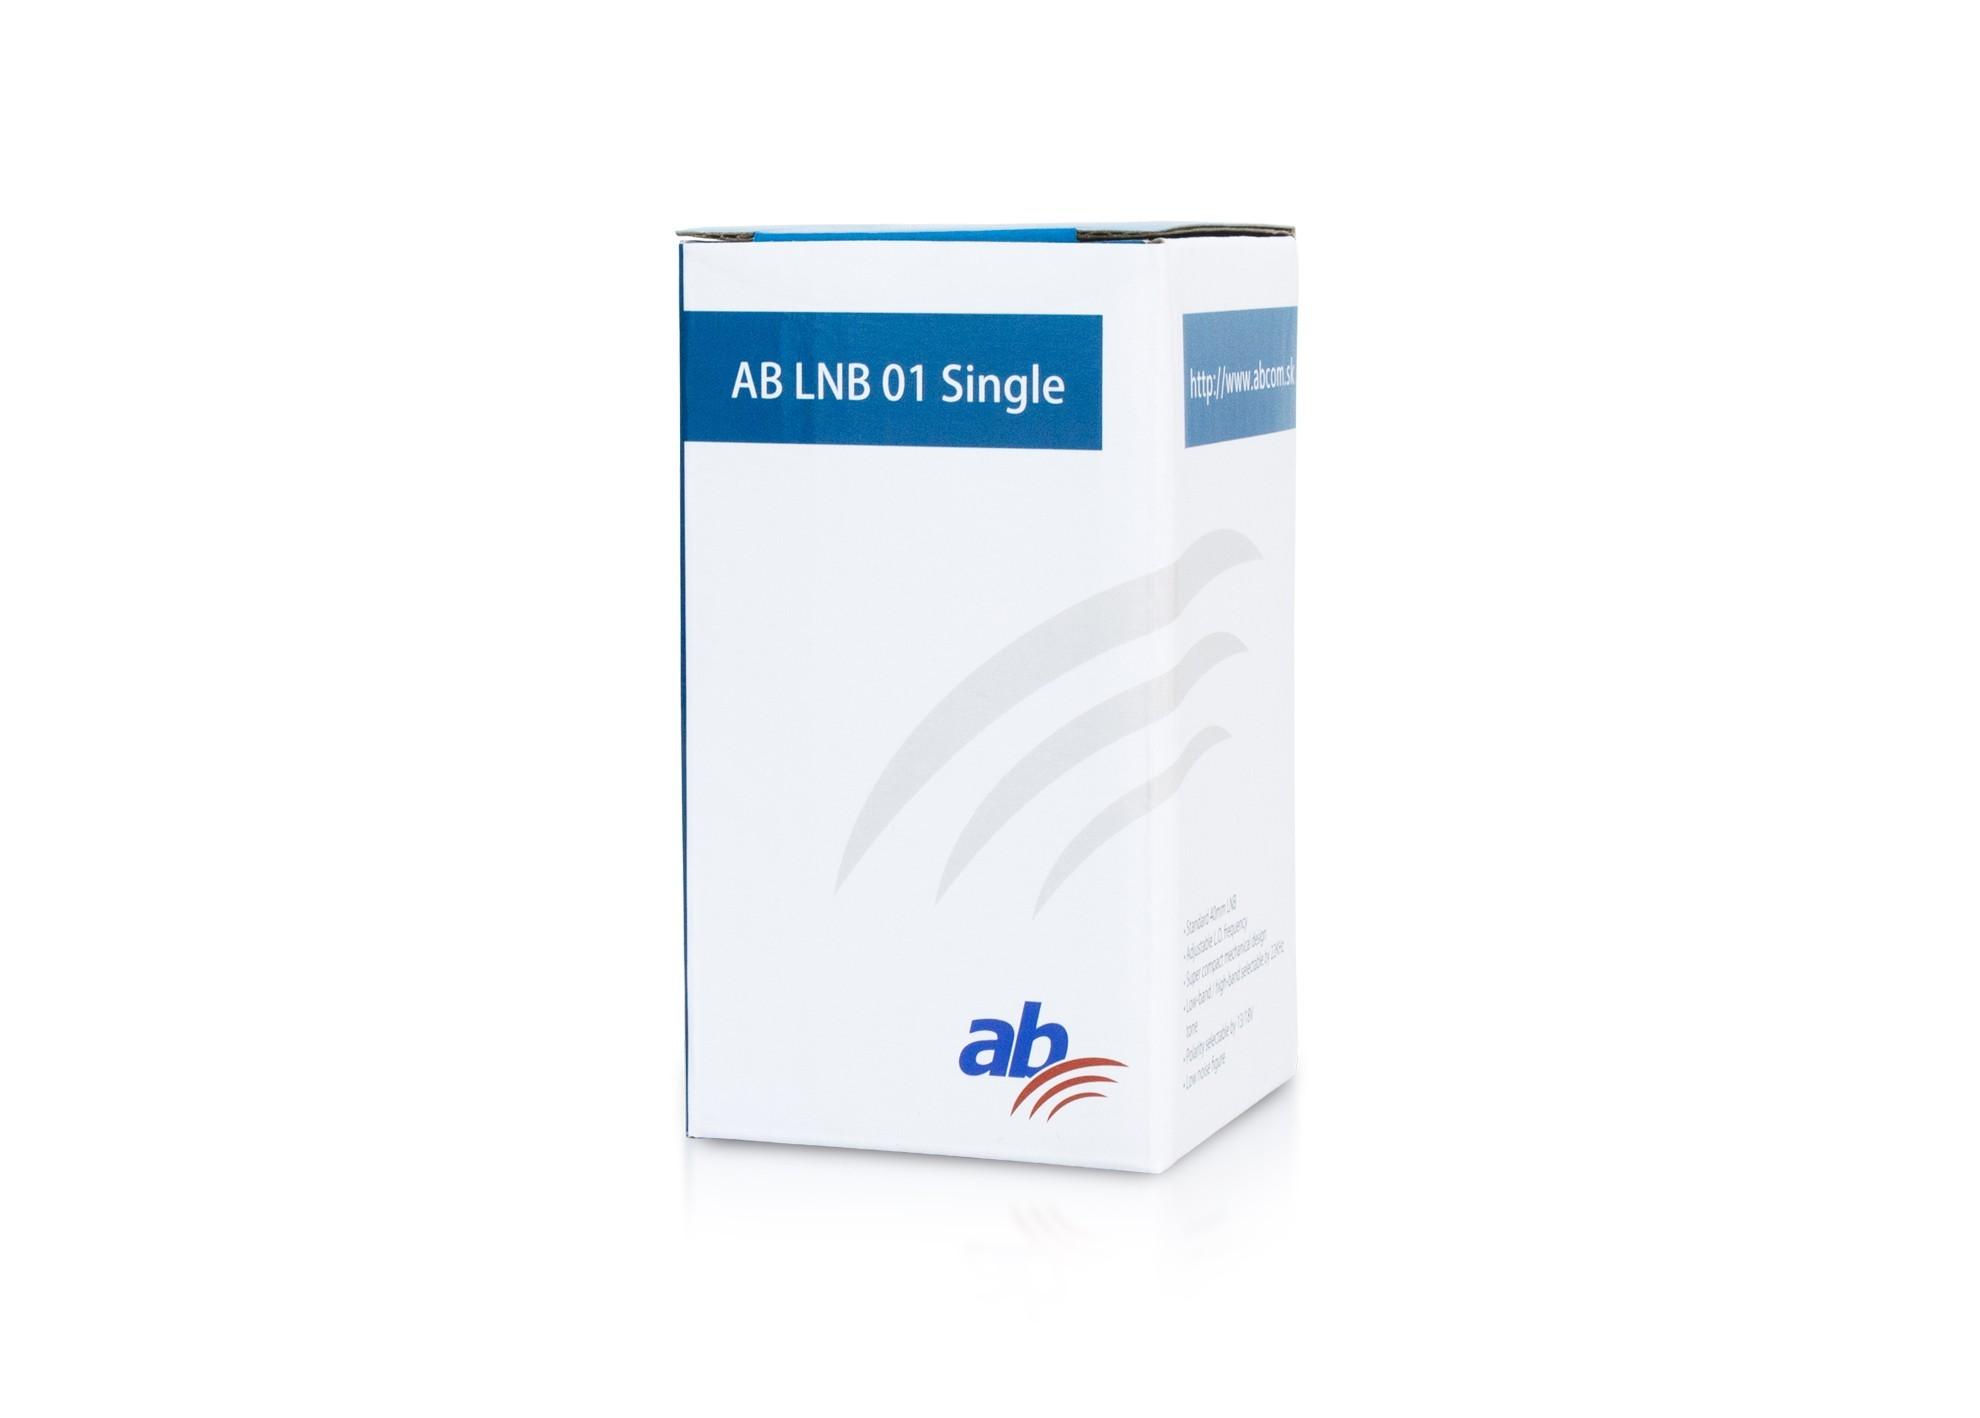 AB LNB01 Single